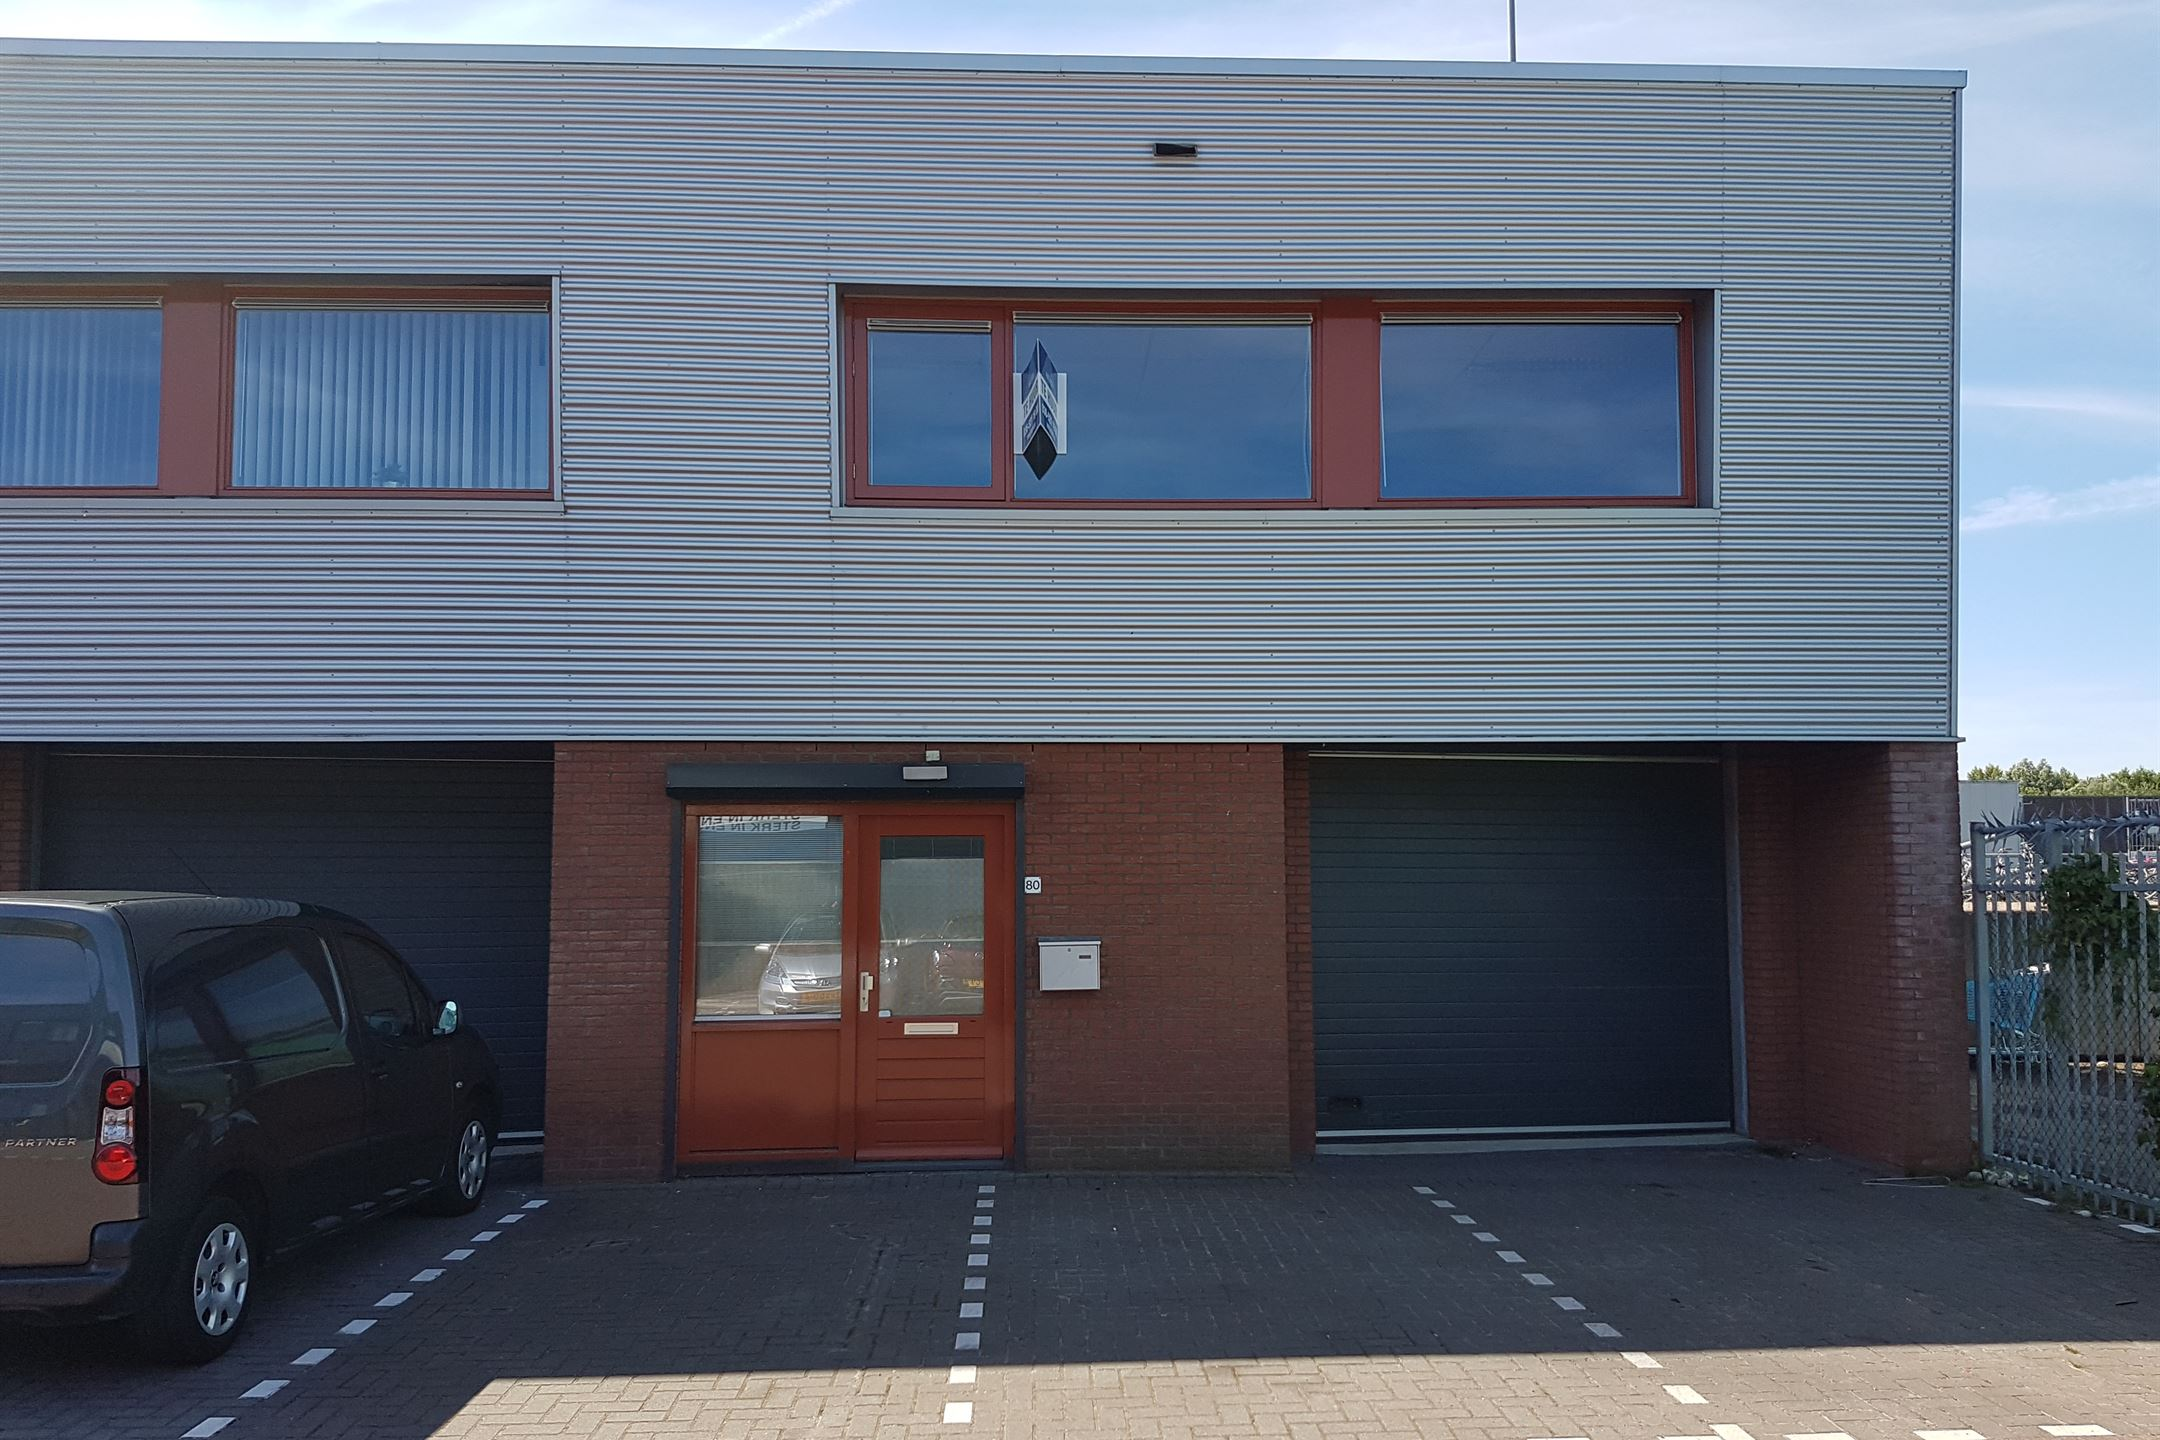 Garage Huren Almere : Bedrijfshal almere zoek bedrijfshallen te huur: argonweg 80 1362